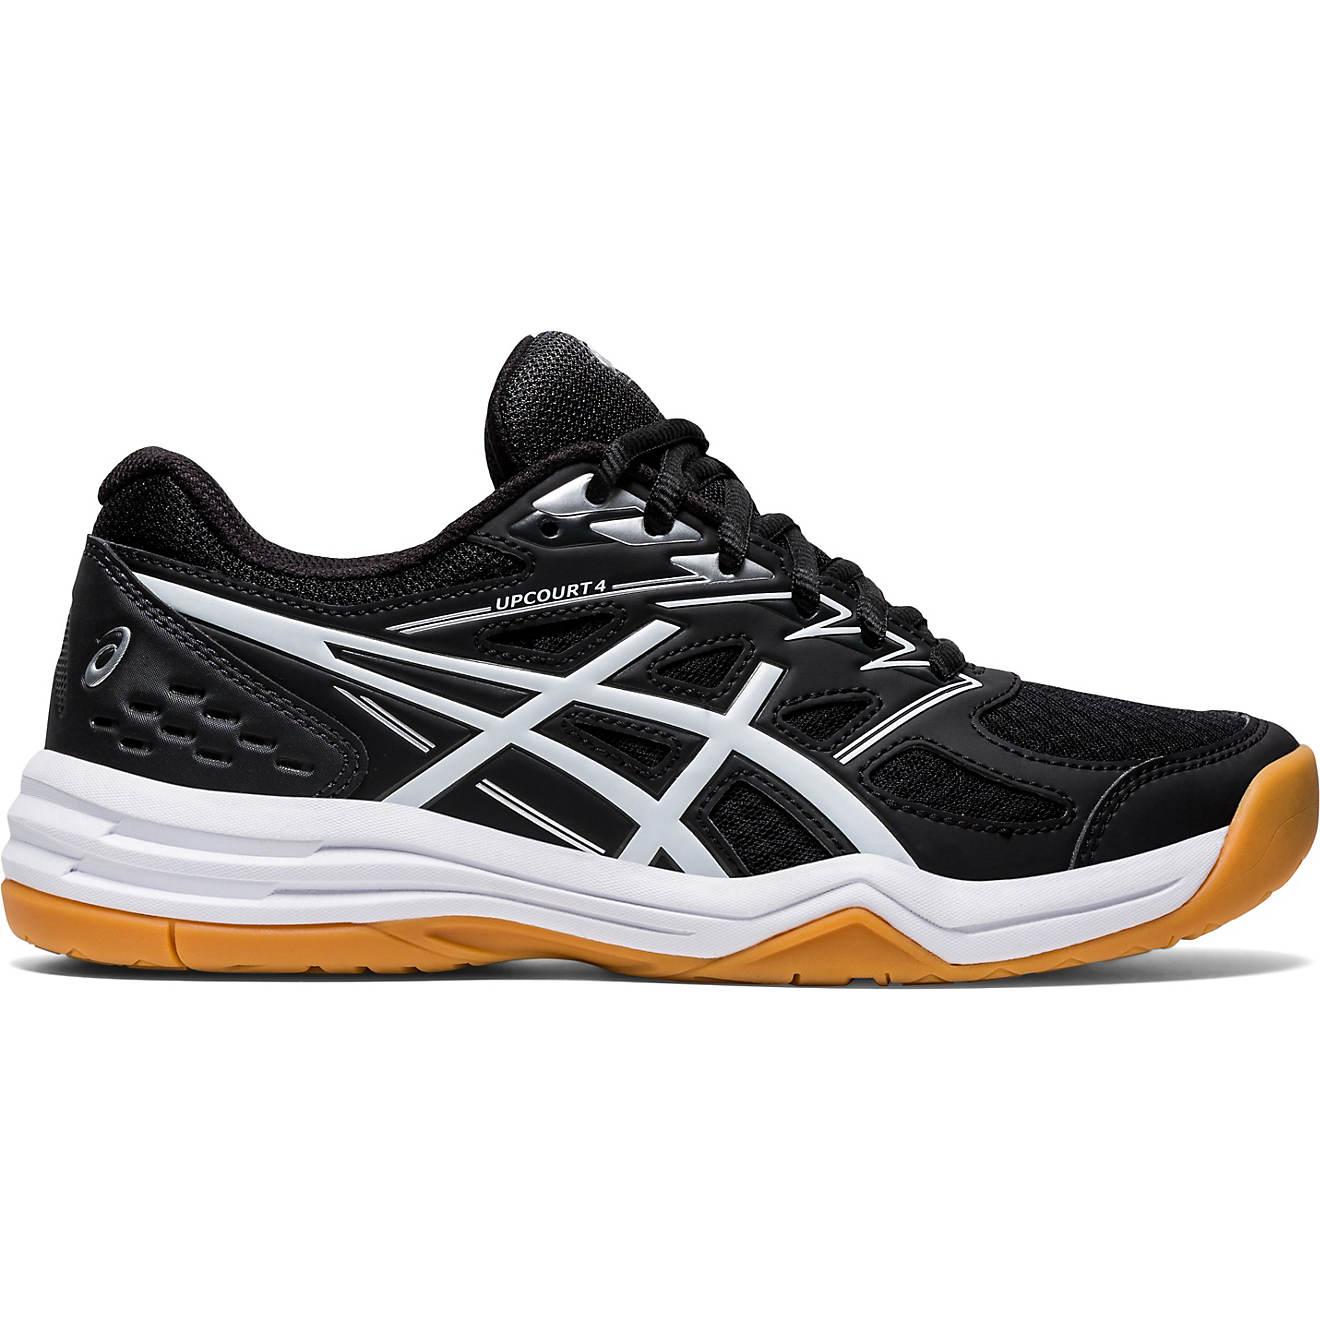 ASICS Women's Gel Upcourt 4 Volleyball Shoes